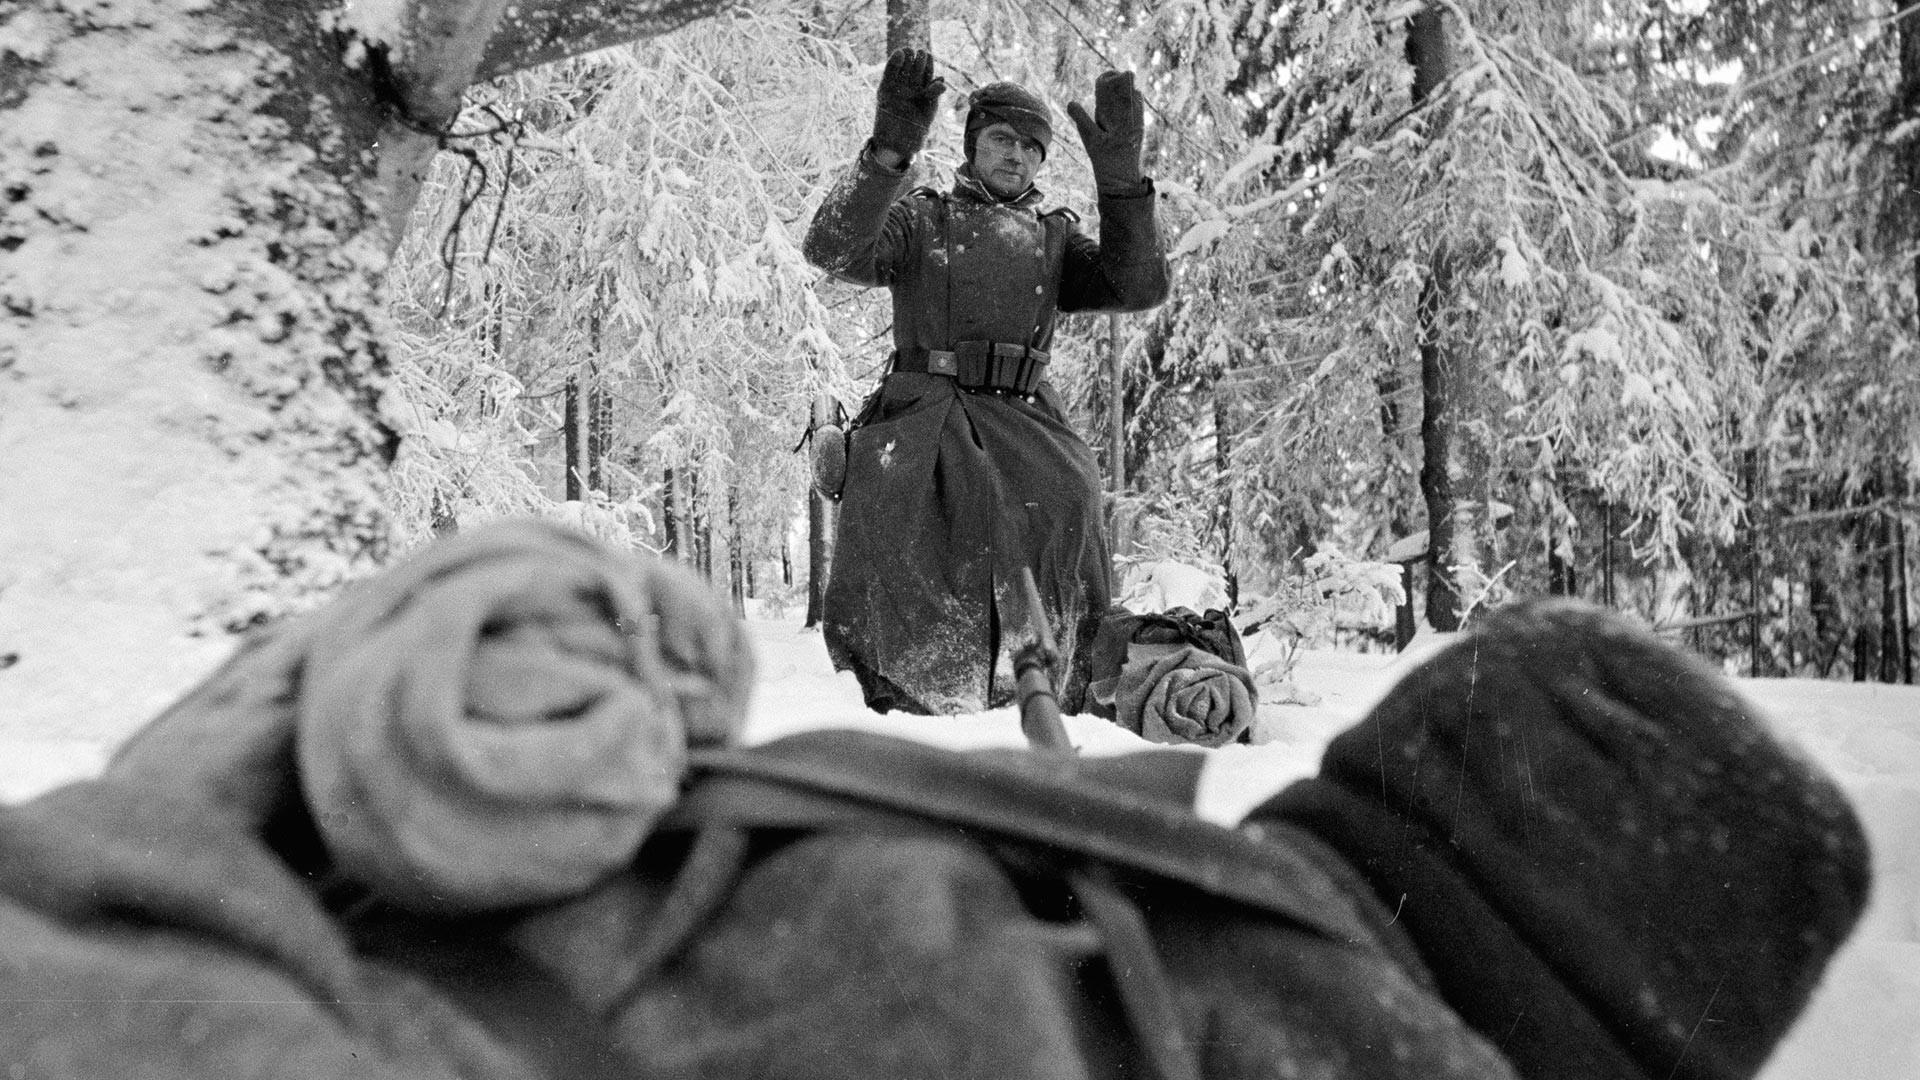 Немецкий солдат сдается в плен в районе Солнечногорска.